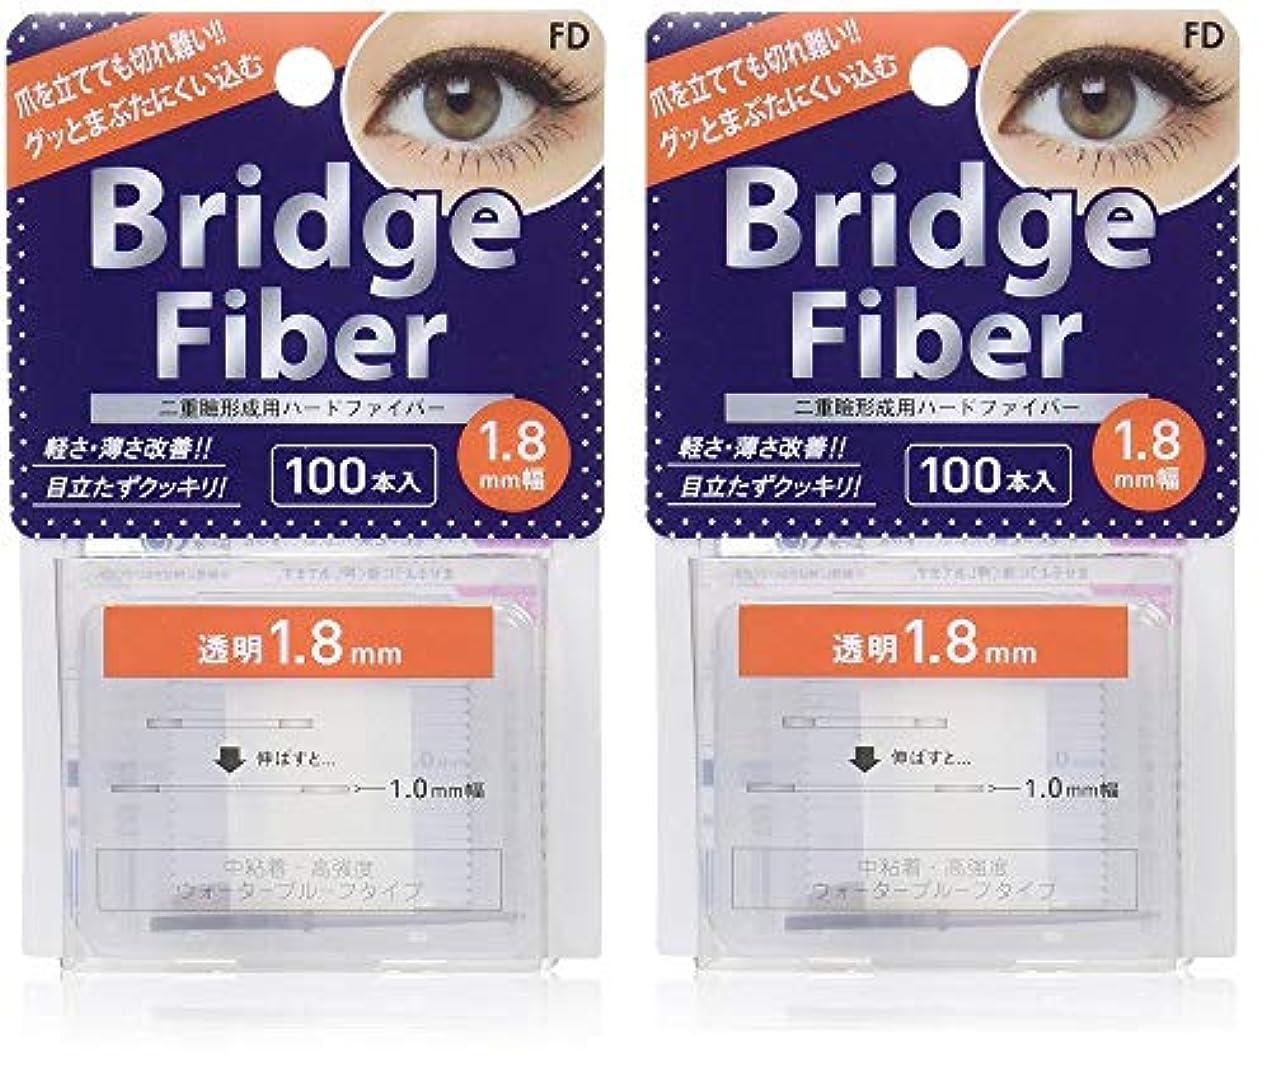 もろいから平らにするFD ブリッジファイバーII (眼瞼下垂防止テープ) 透明 1.8mm×2個セット